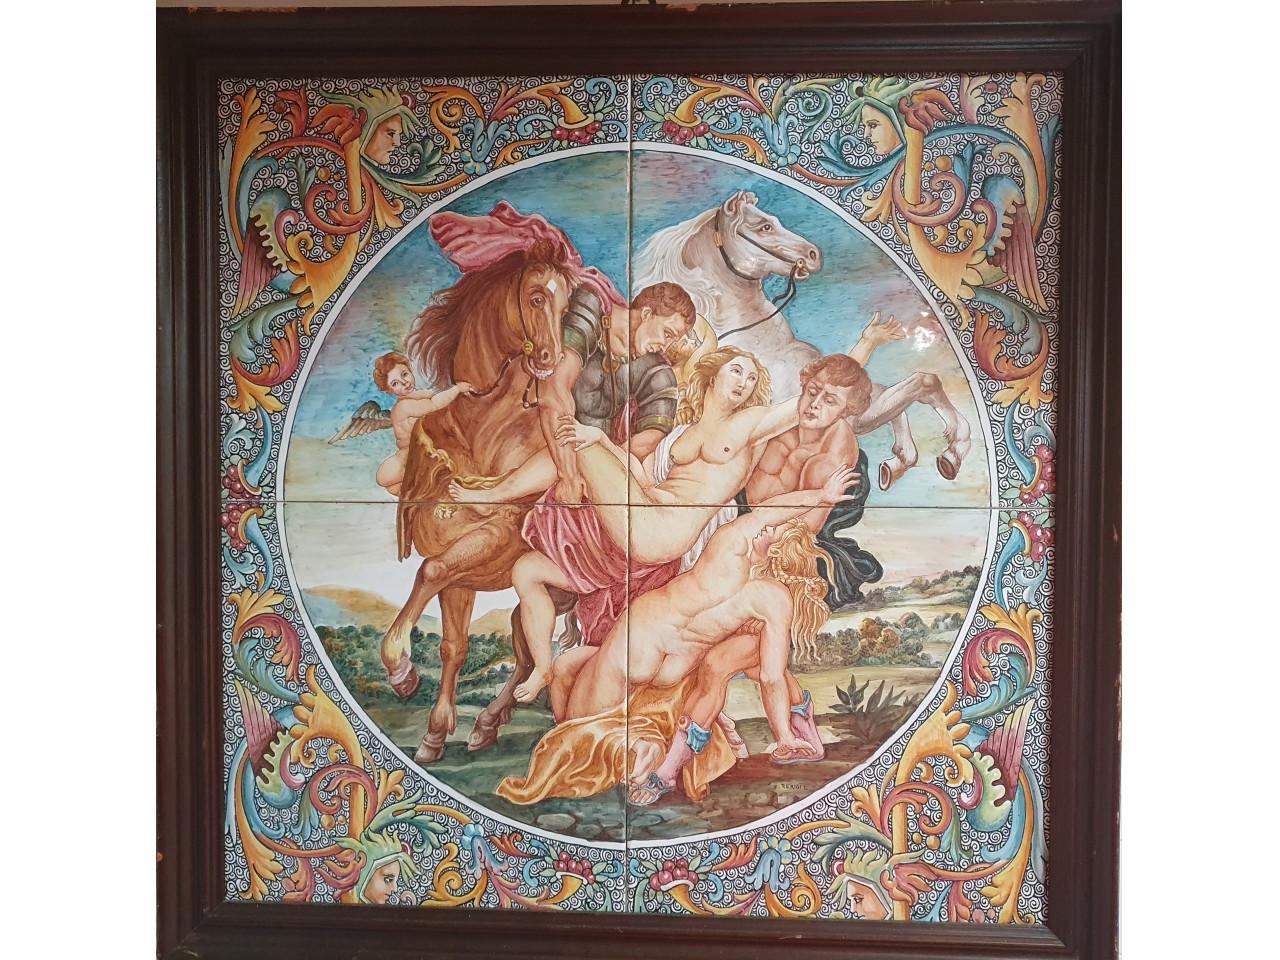 Dipinto su maiolica Il ratto delle Leucippidi - Antichità Ioviero